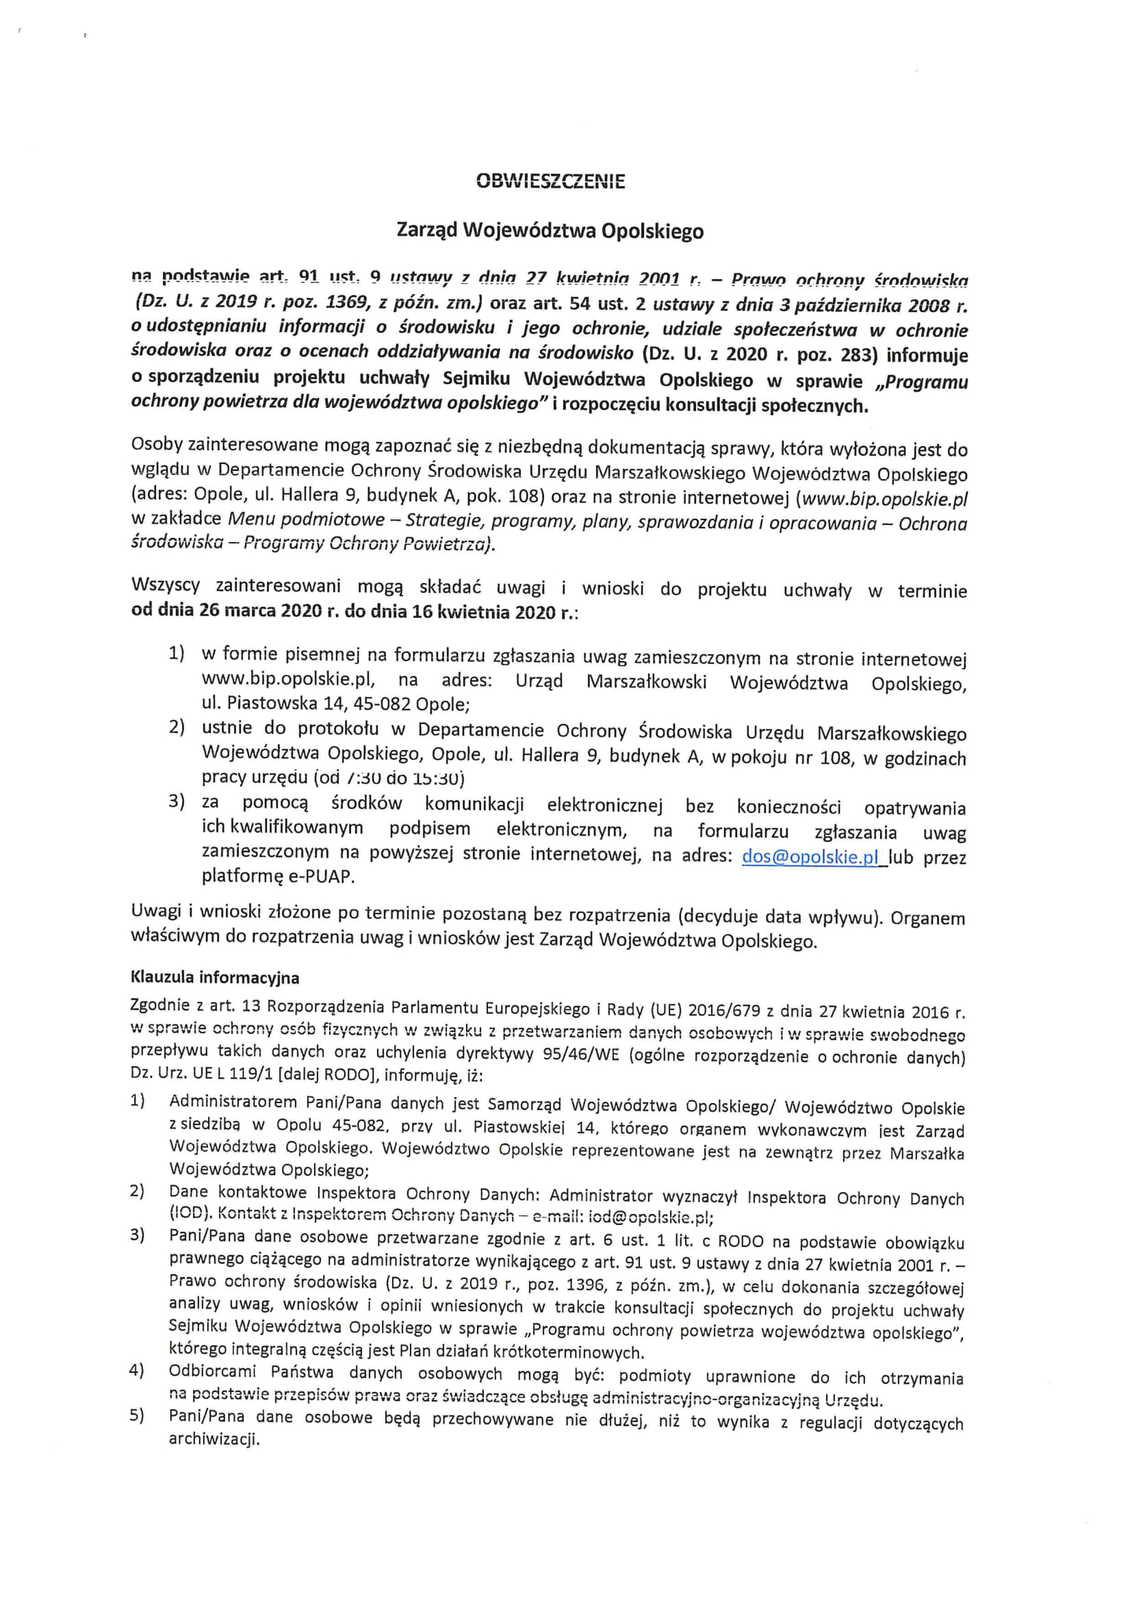 konsultacje społeczeni Programu ochrony powietrza-1.jpeg